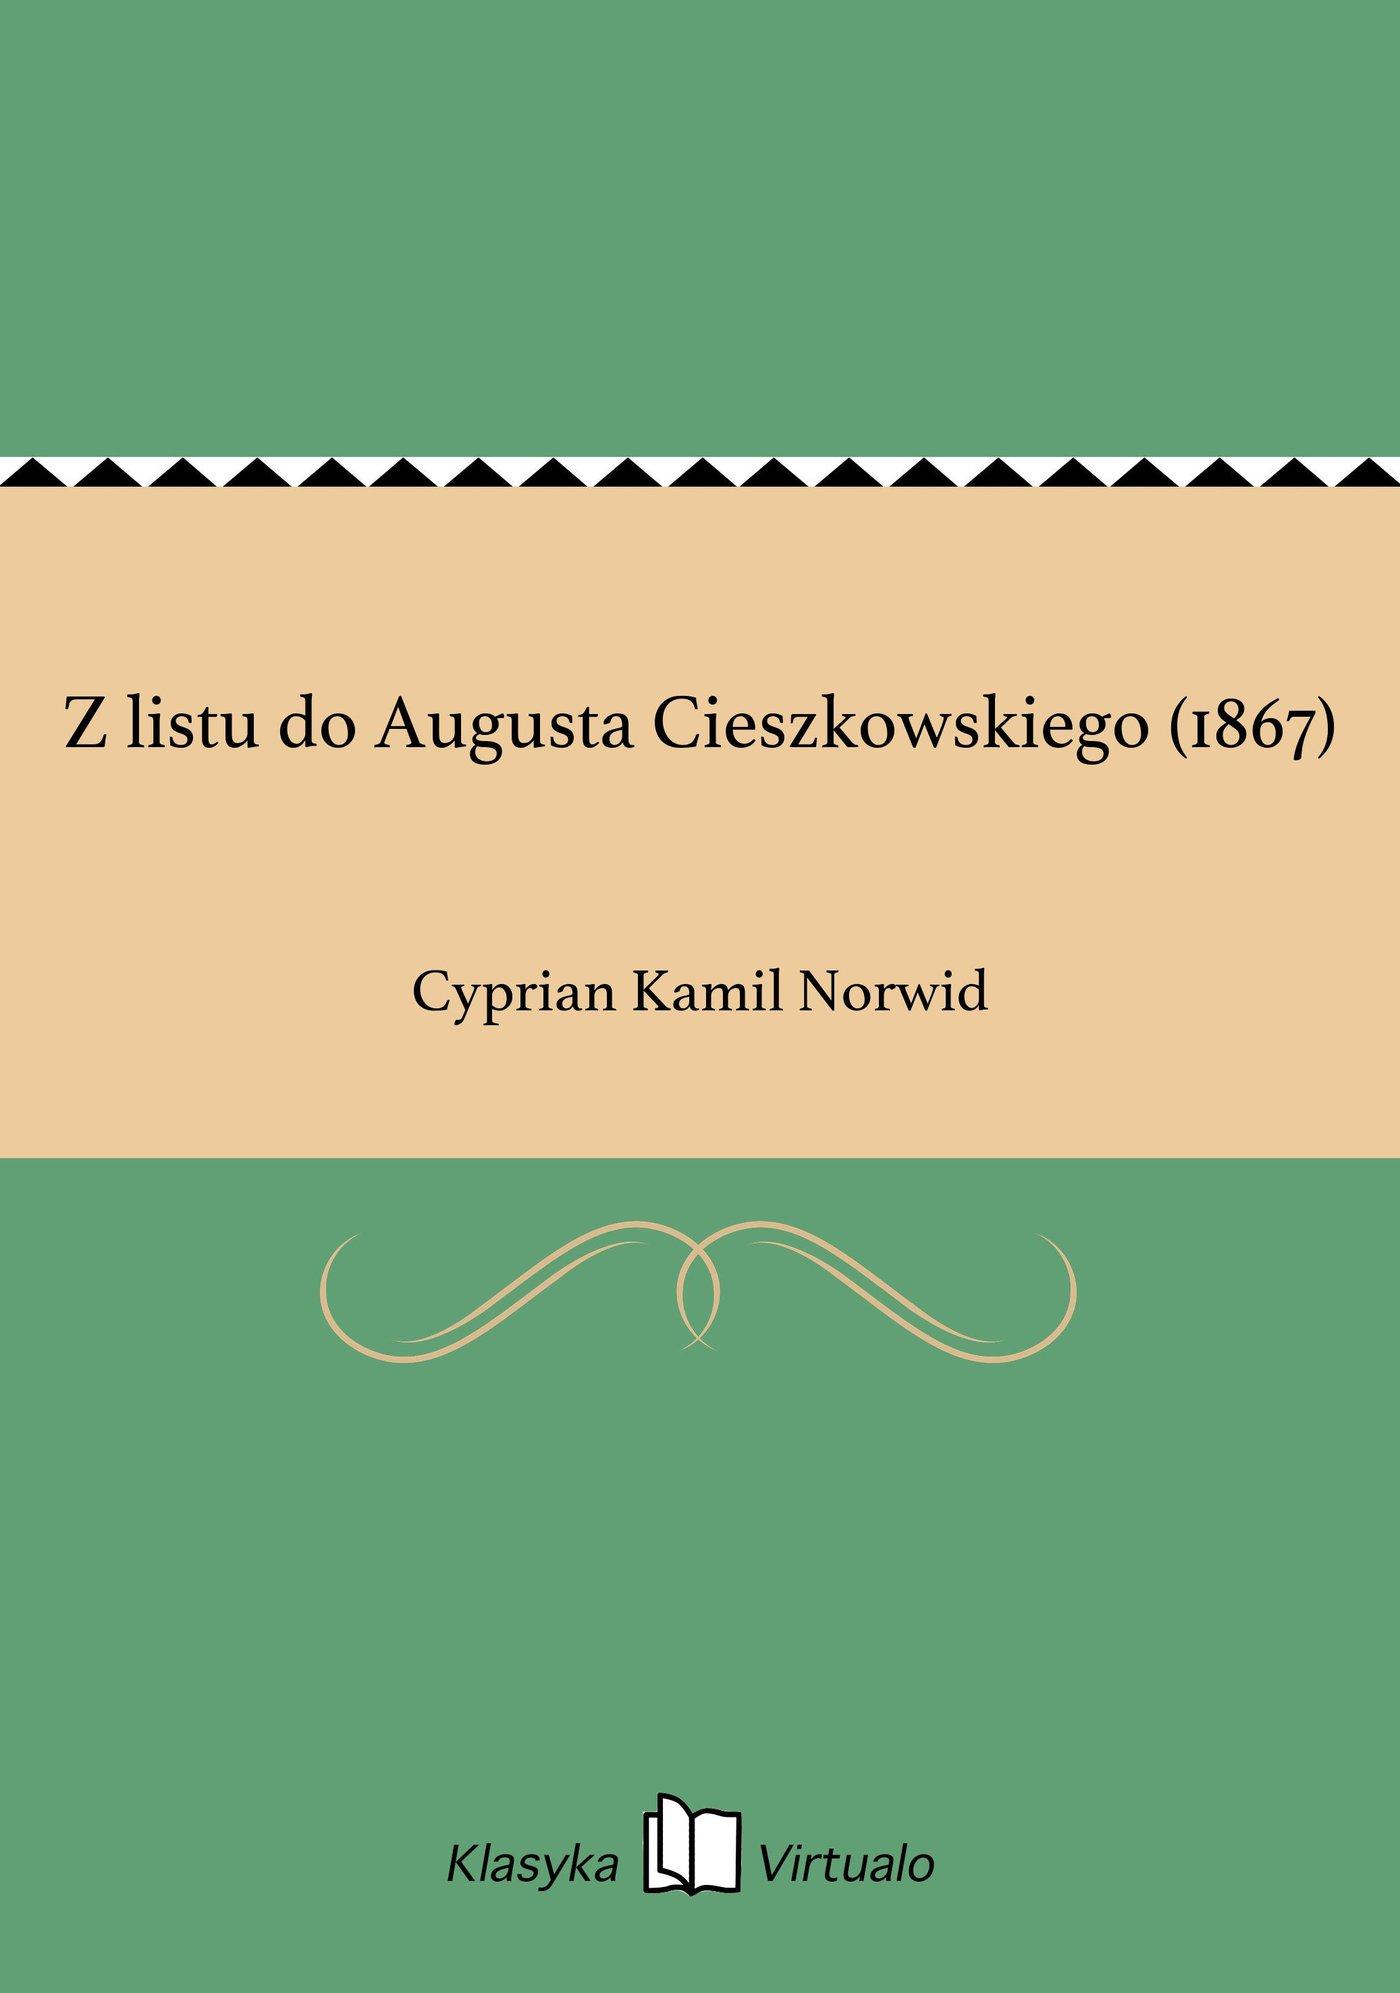 Z listu do Augusta Cieszkowskiego (1867) - Ebook (Książka na Kindle) do pobrania w formacie MOBI